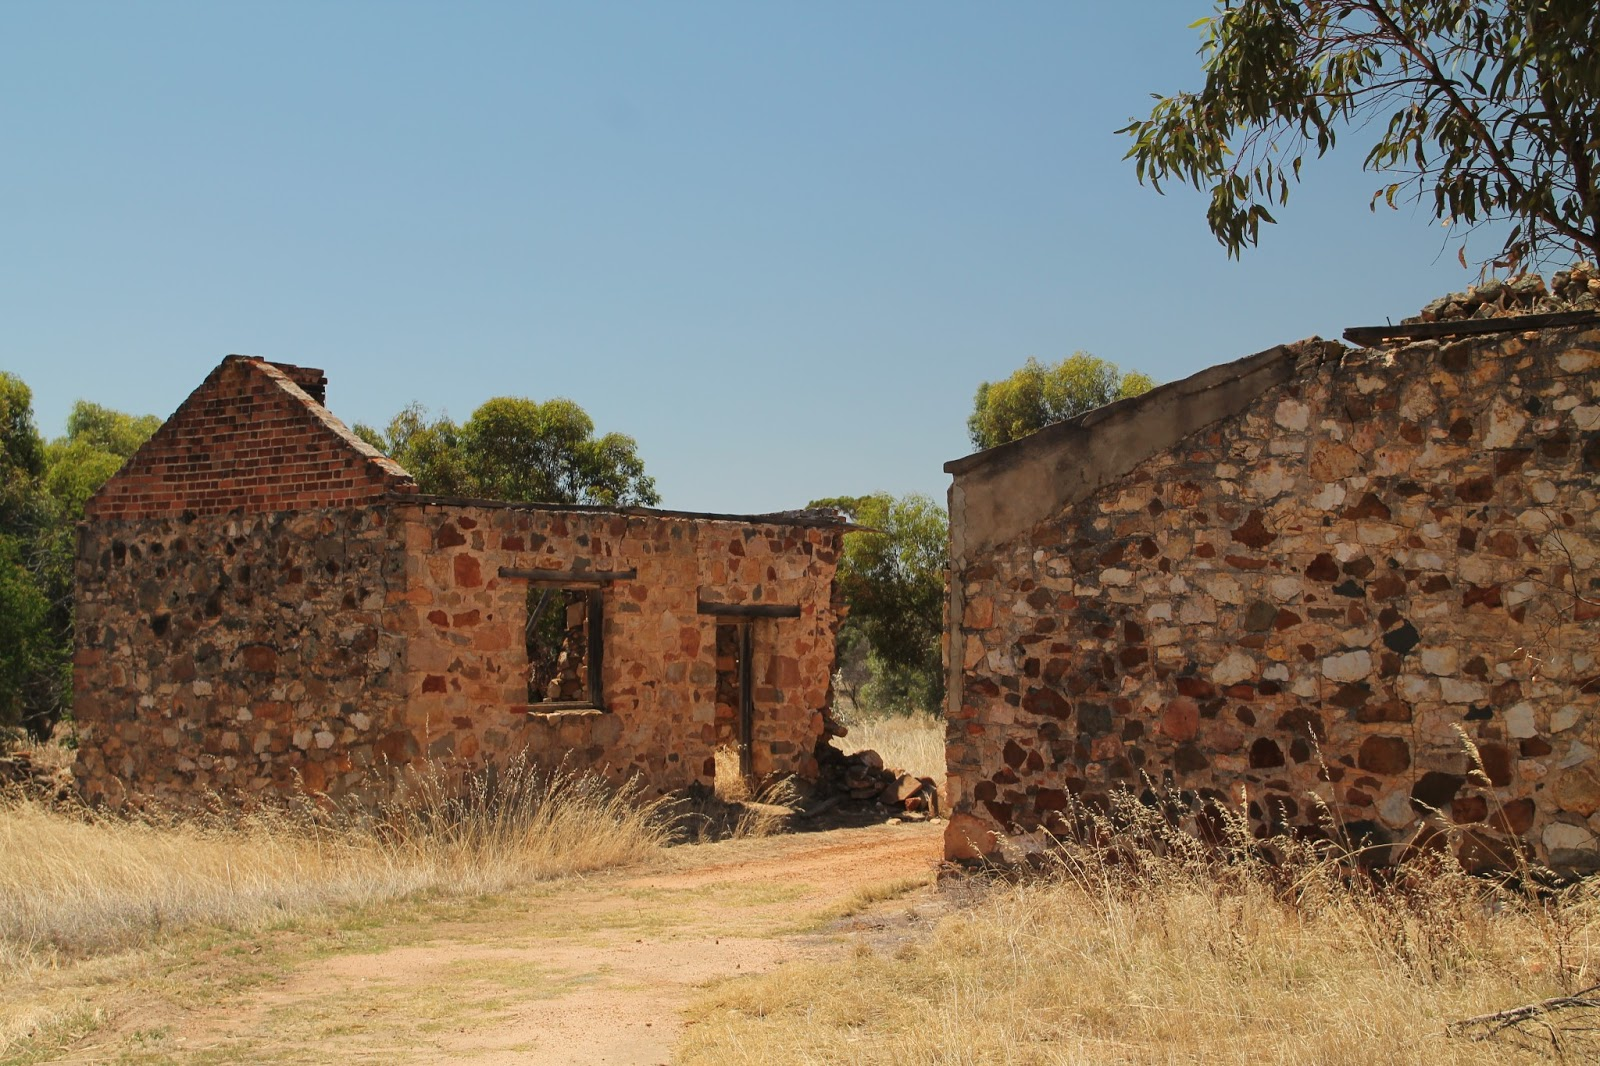 Ruins around Western Australia